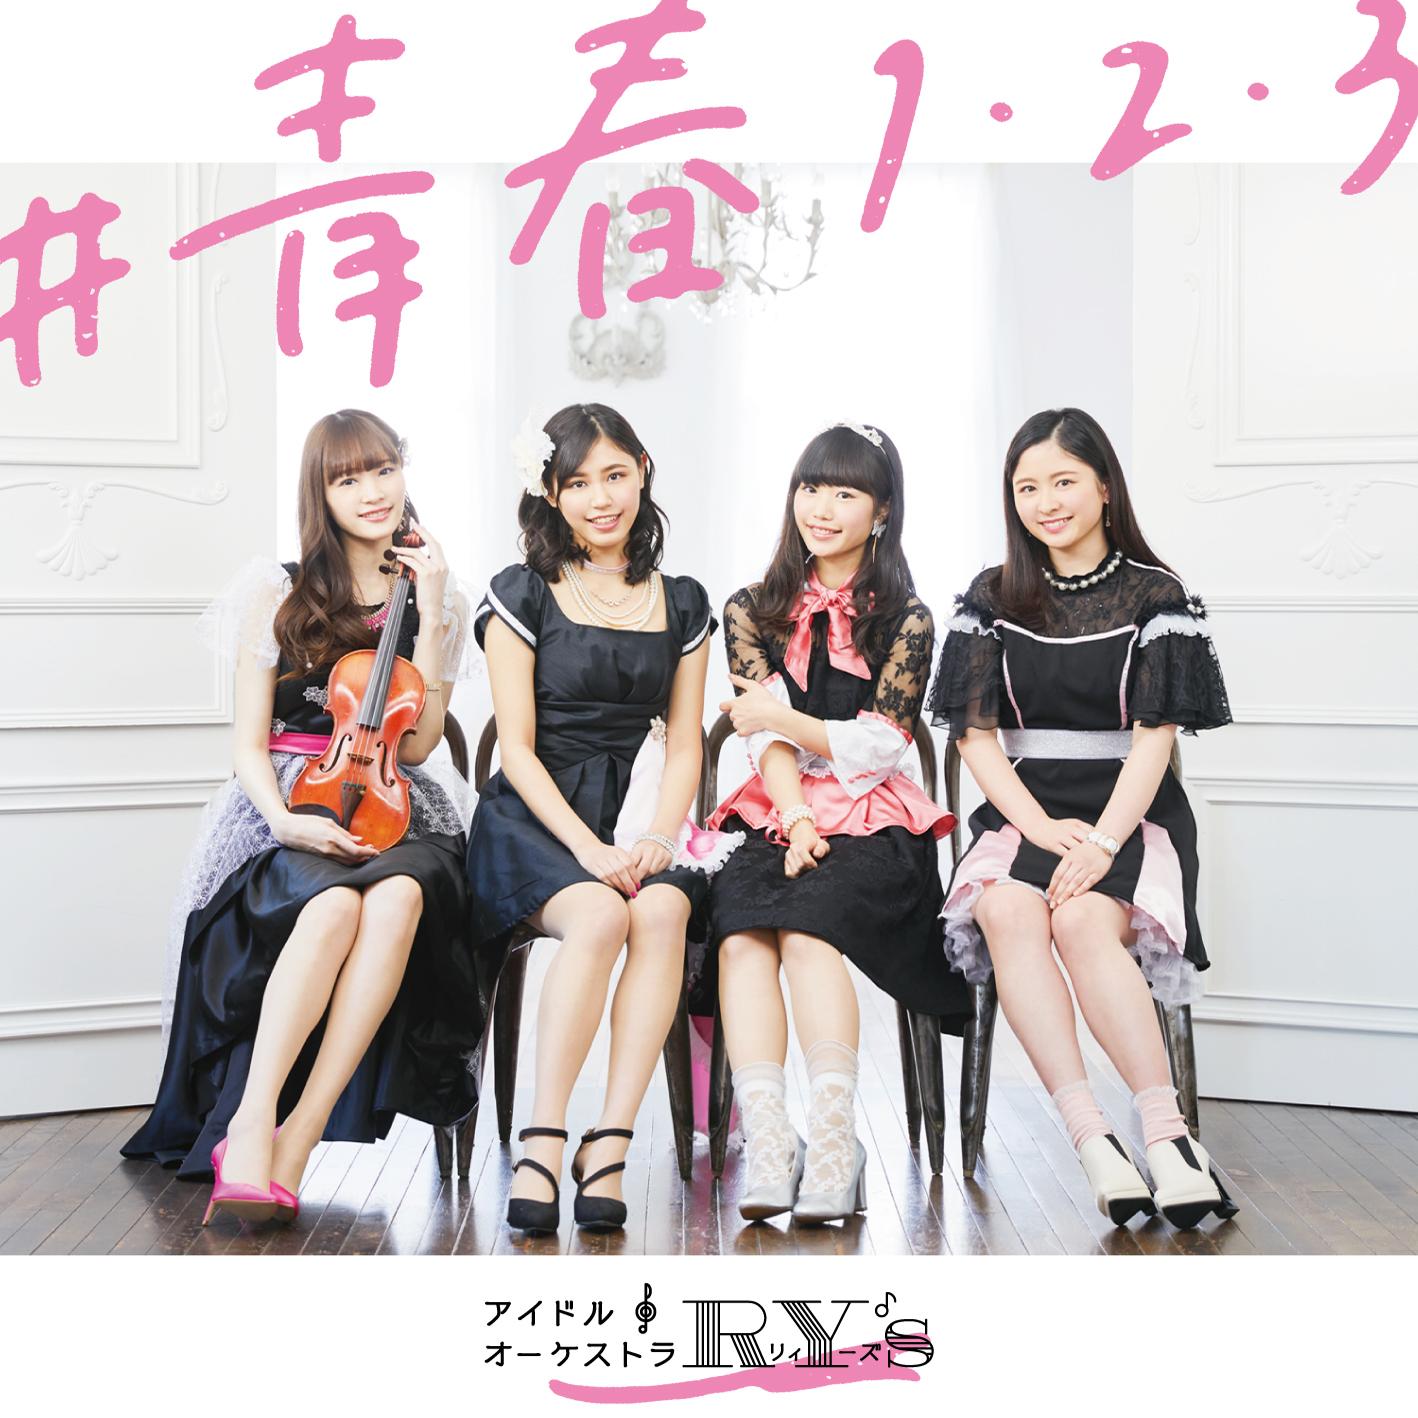 アイオケ 】アイドルオーケストラRY's 最新シングル「 #青春1・2 ...